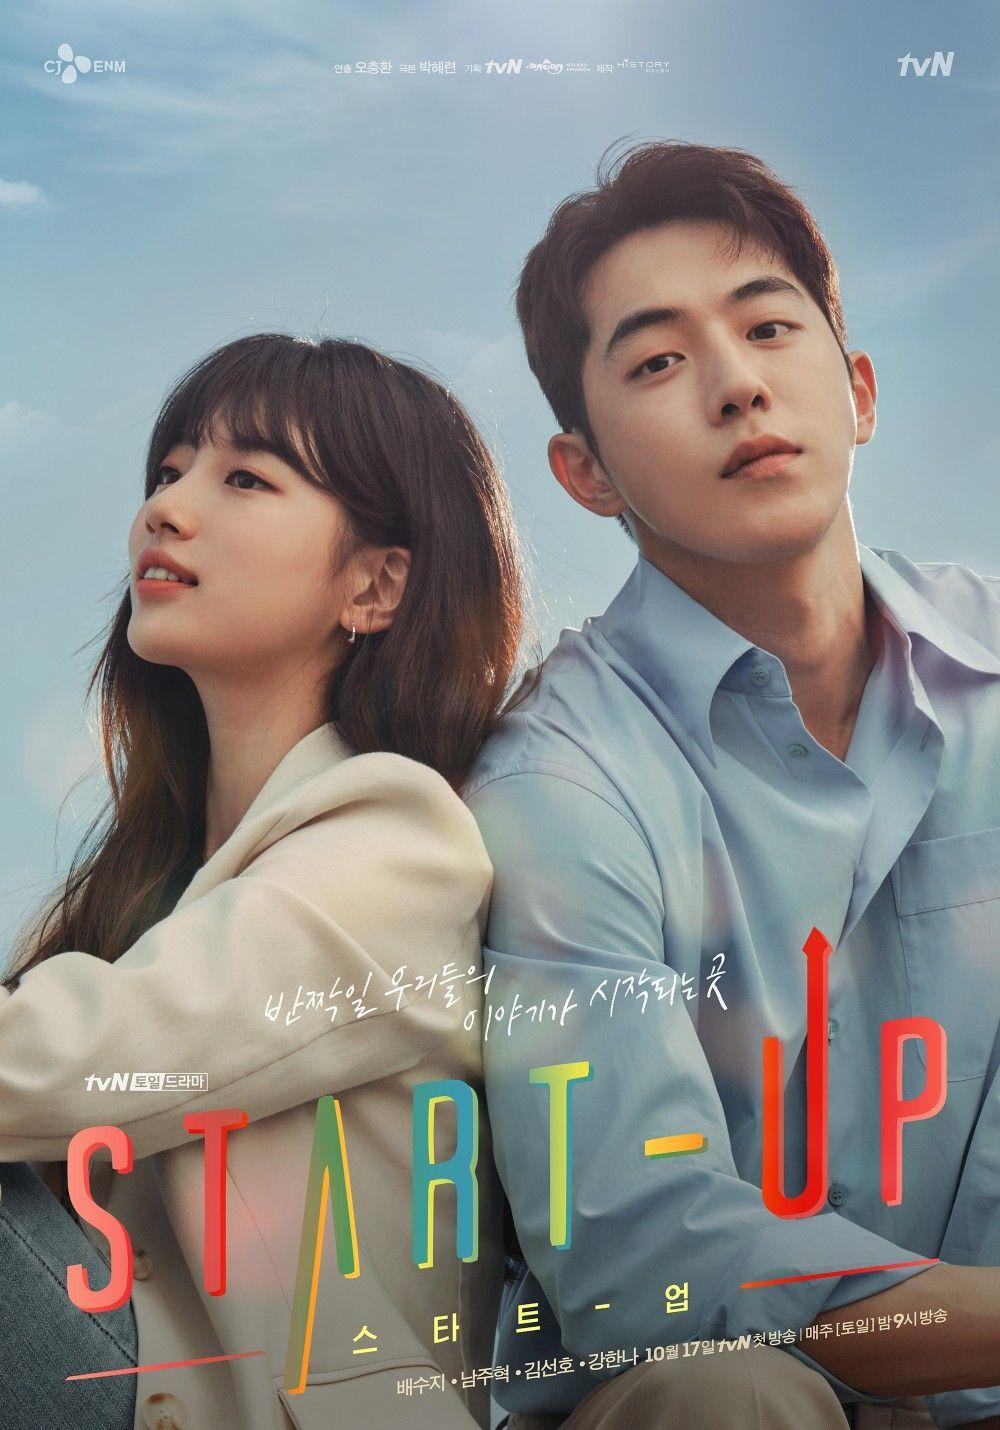 Start Up Couple Poster Drama Korean Drama Komedi Romantis